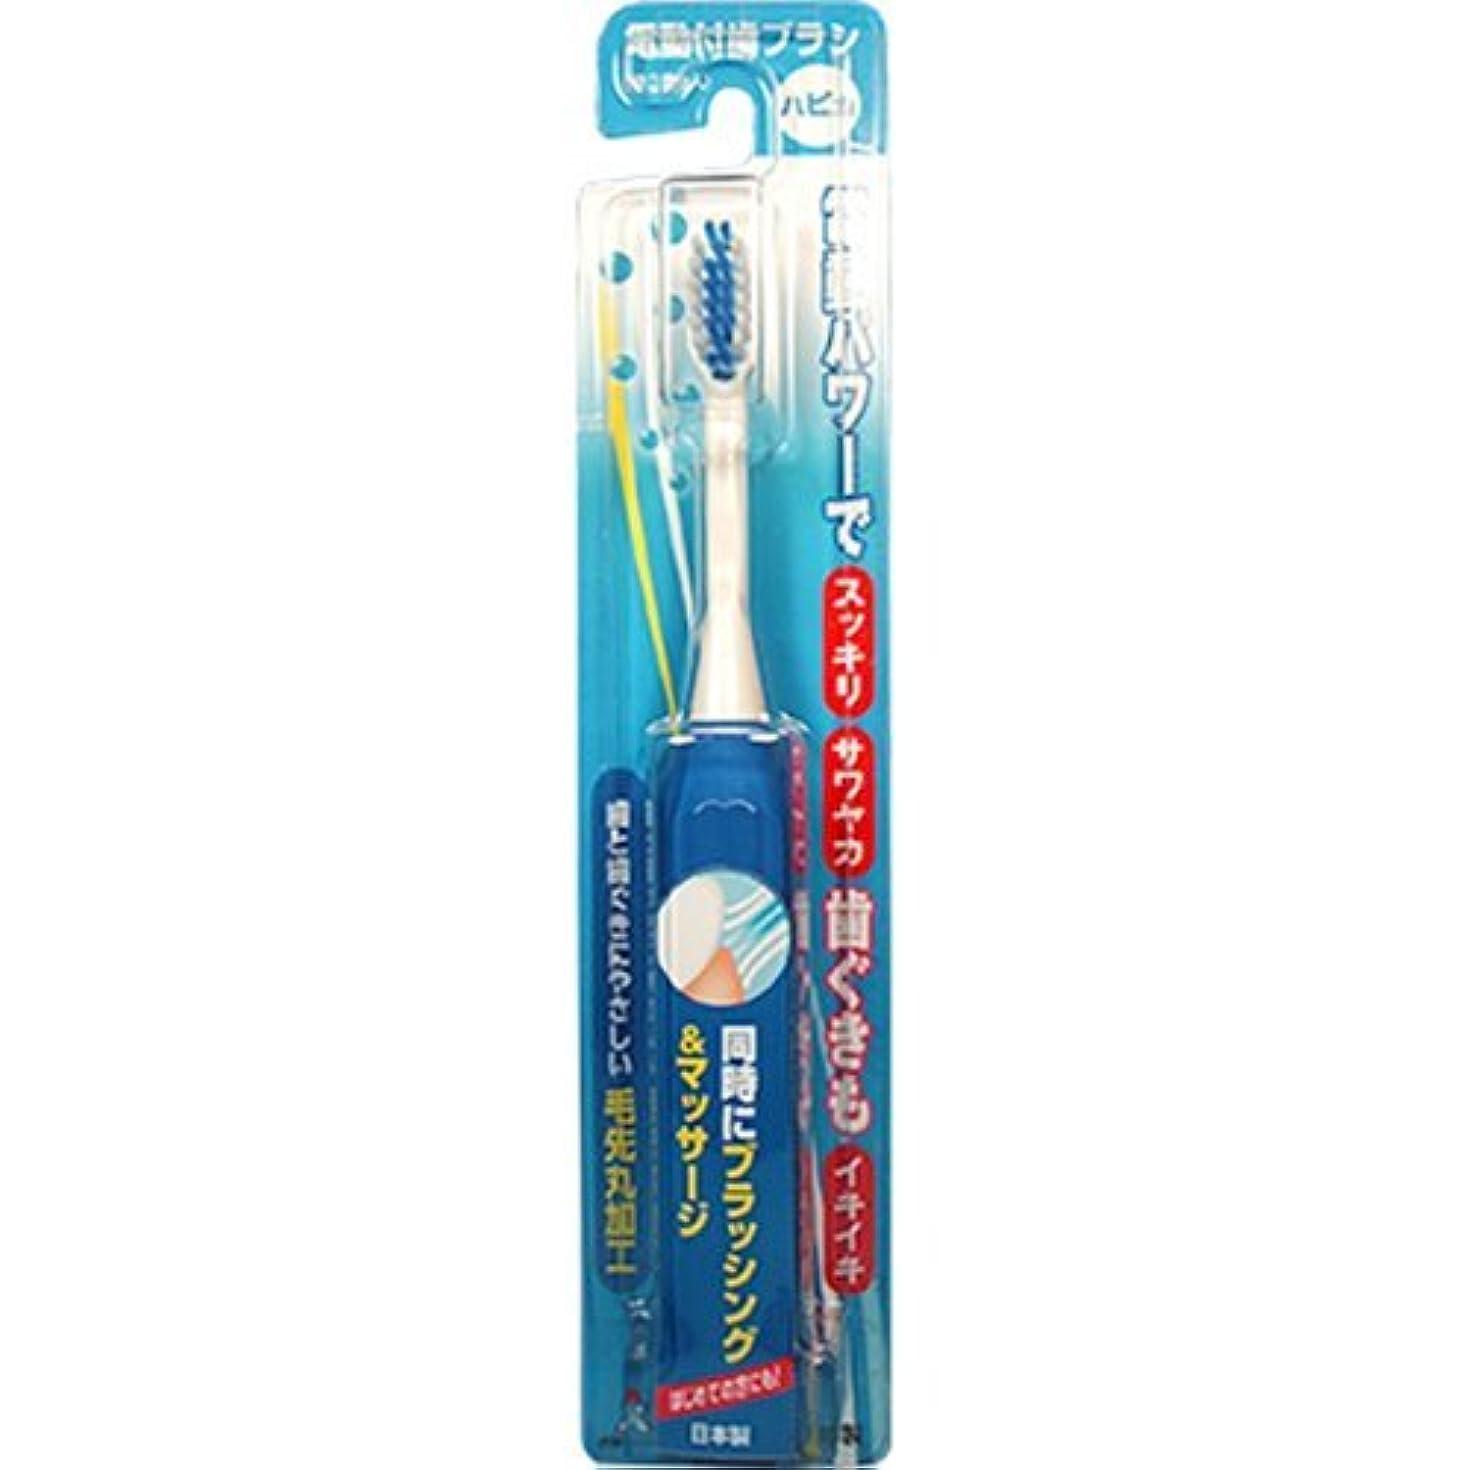 マット請求可能戸棚ミニマム 電動付歯ブラシ ハピカ ブルー 毛の硬さ:やわらかめ DB-3B(BP)